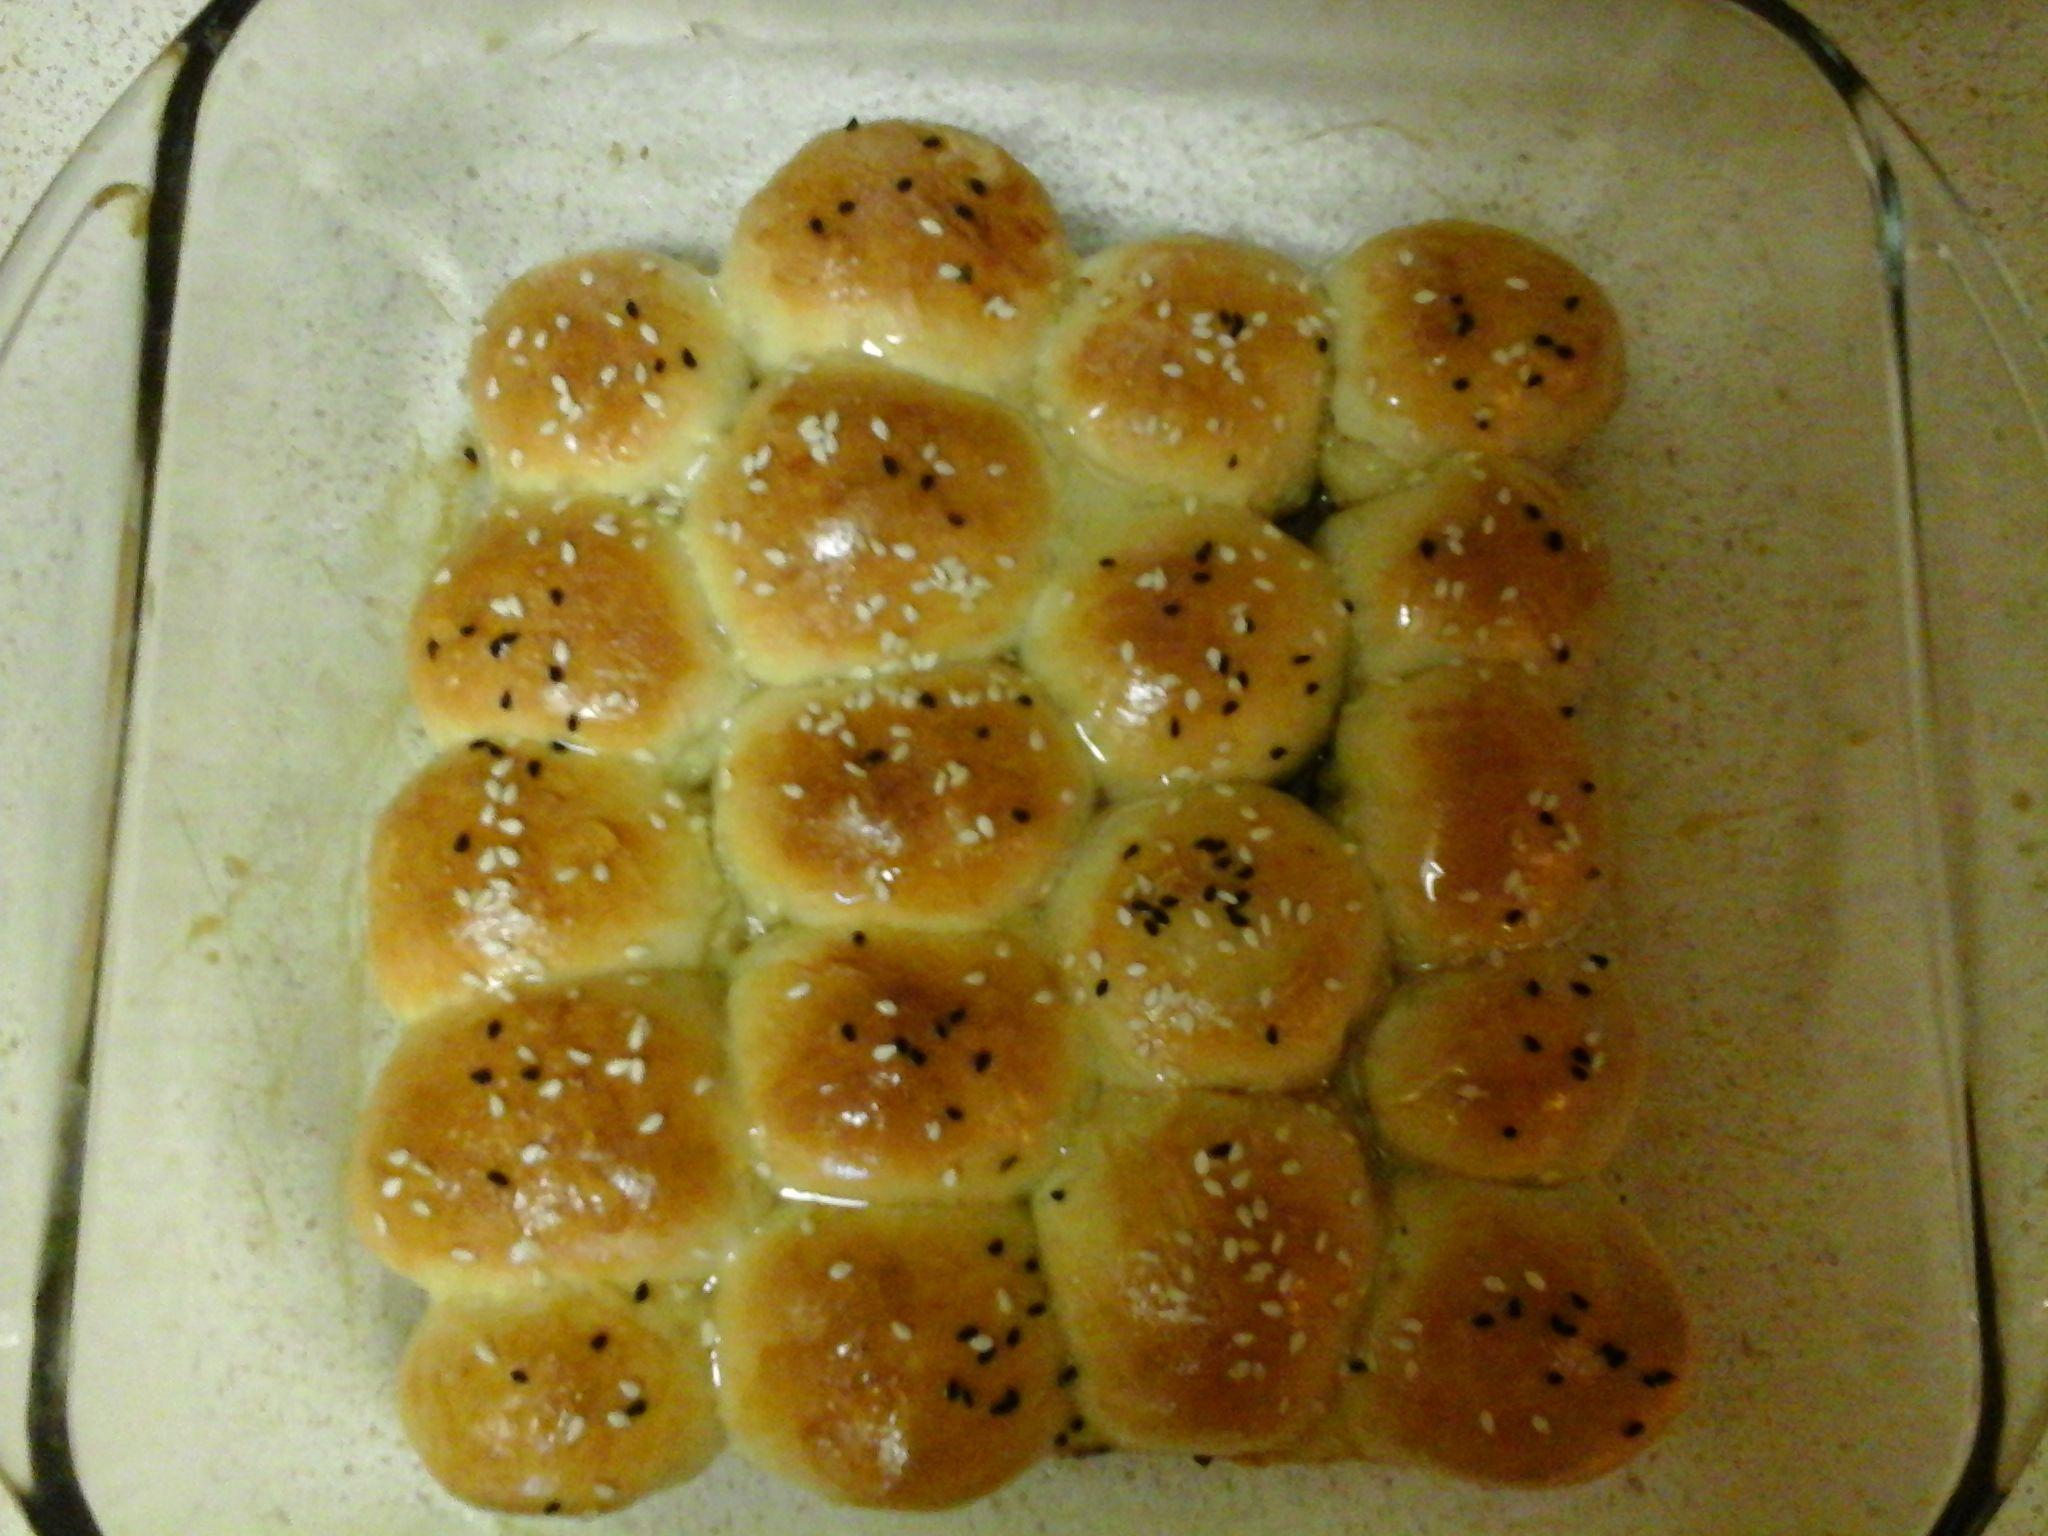 خلية النحل بالجبن معجنات سهلة ولذية للفطور والعصر مع الشاي Beehive Shaped Bakeries Stuffed With Cheese Cooking Baking